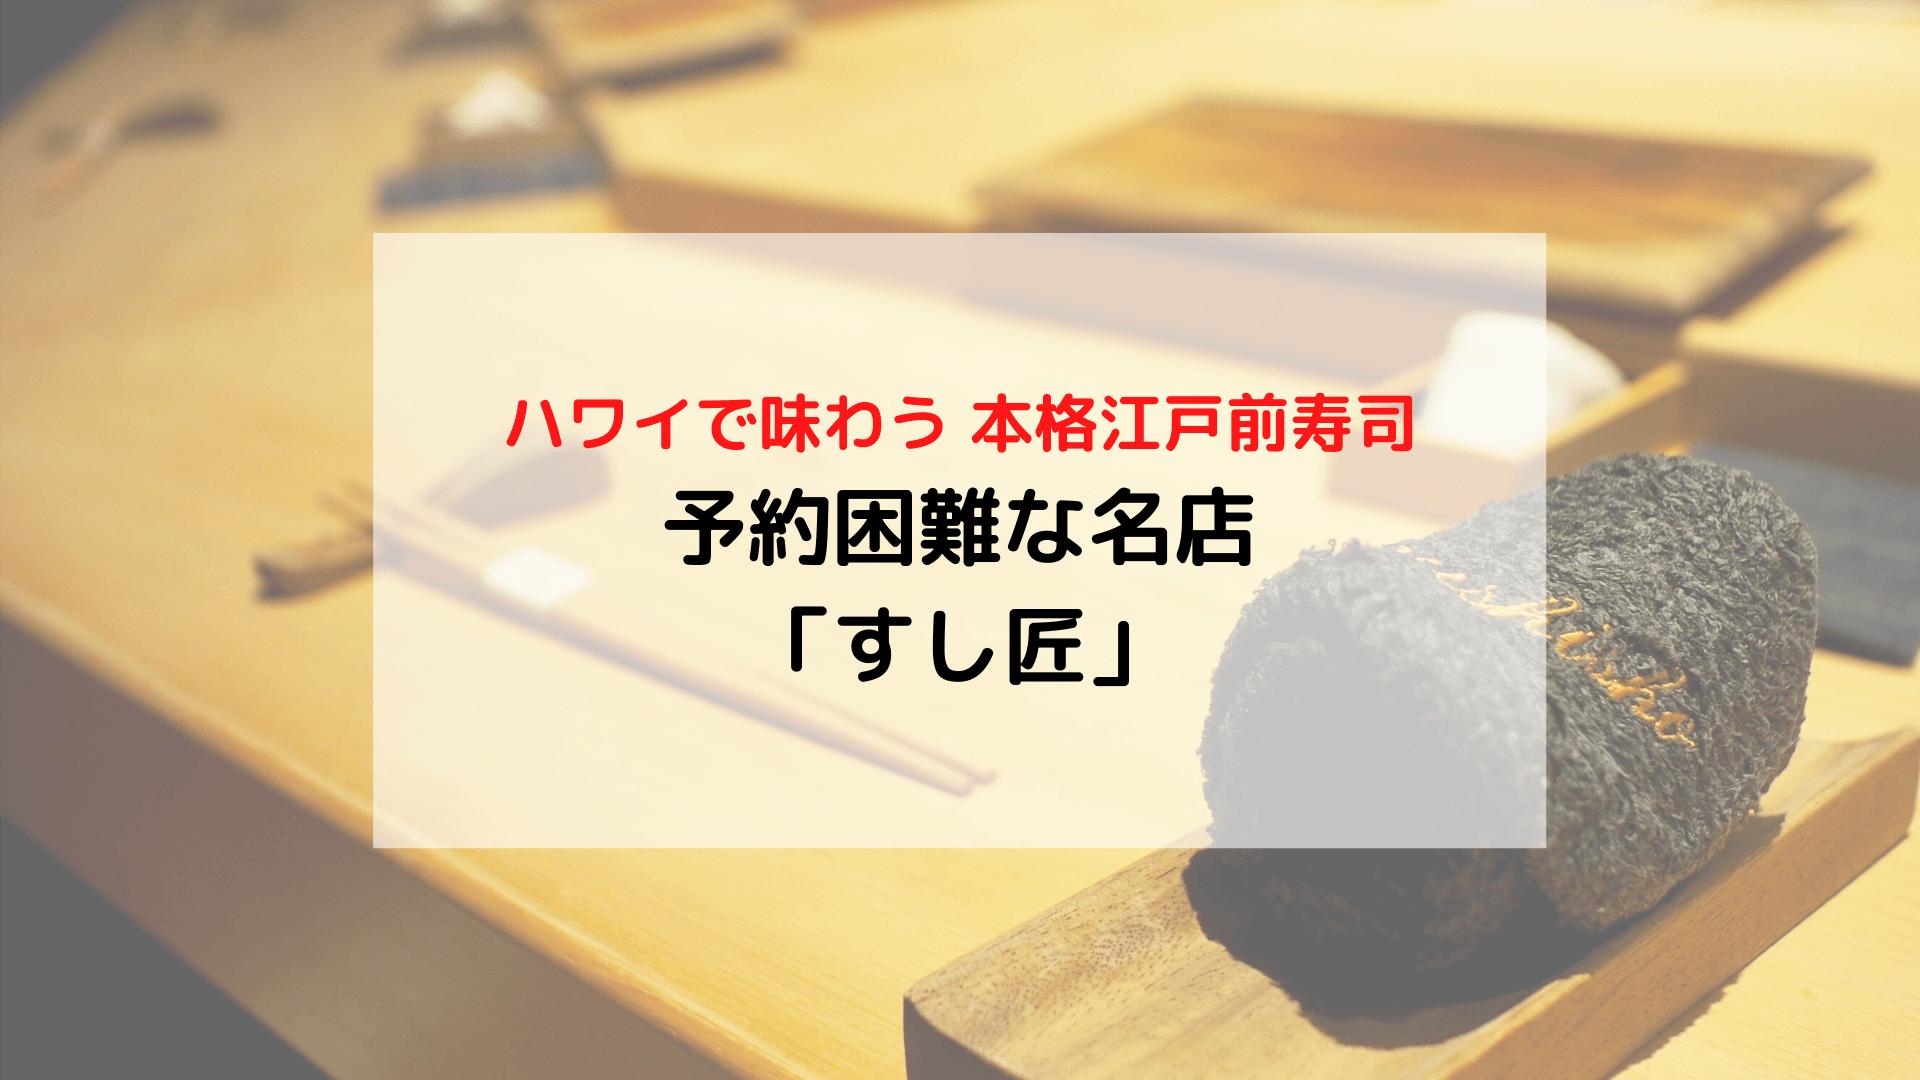 ハワイで味わう本格江戸前寿司「すし匠」